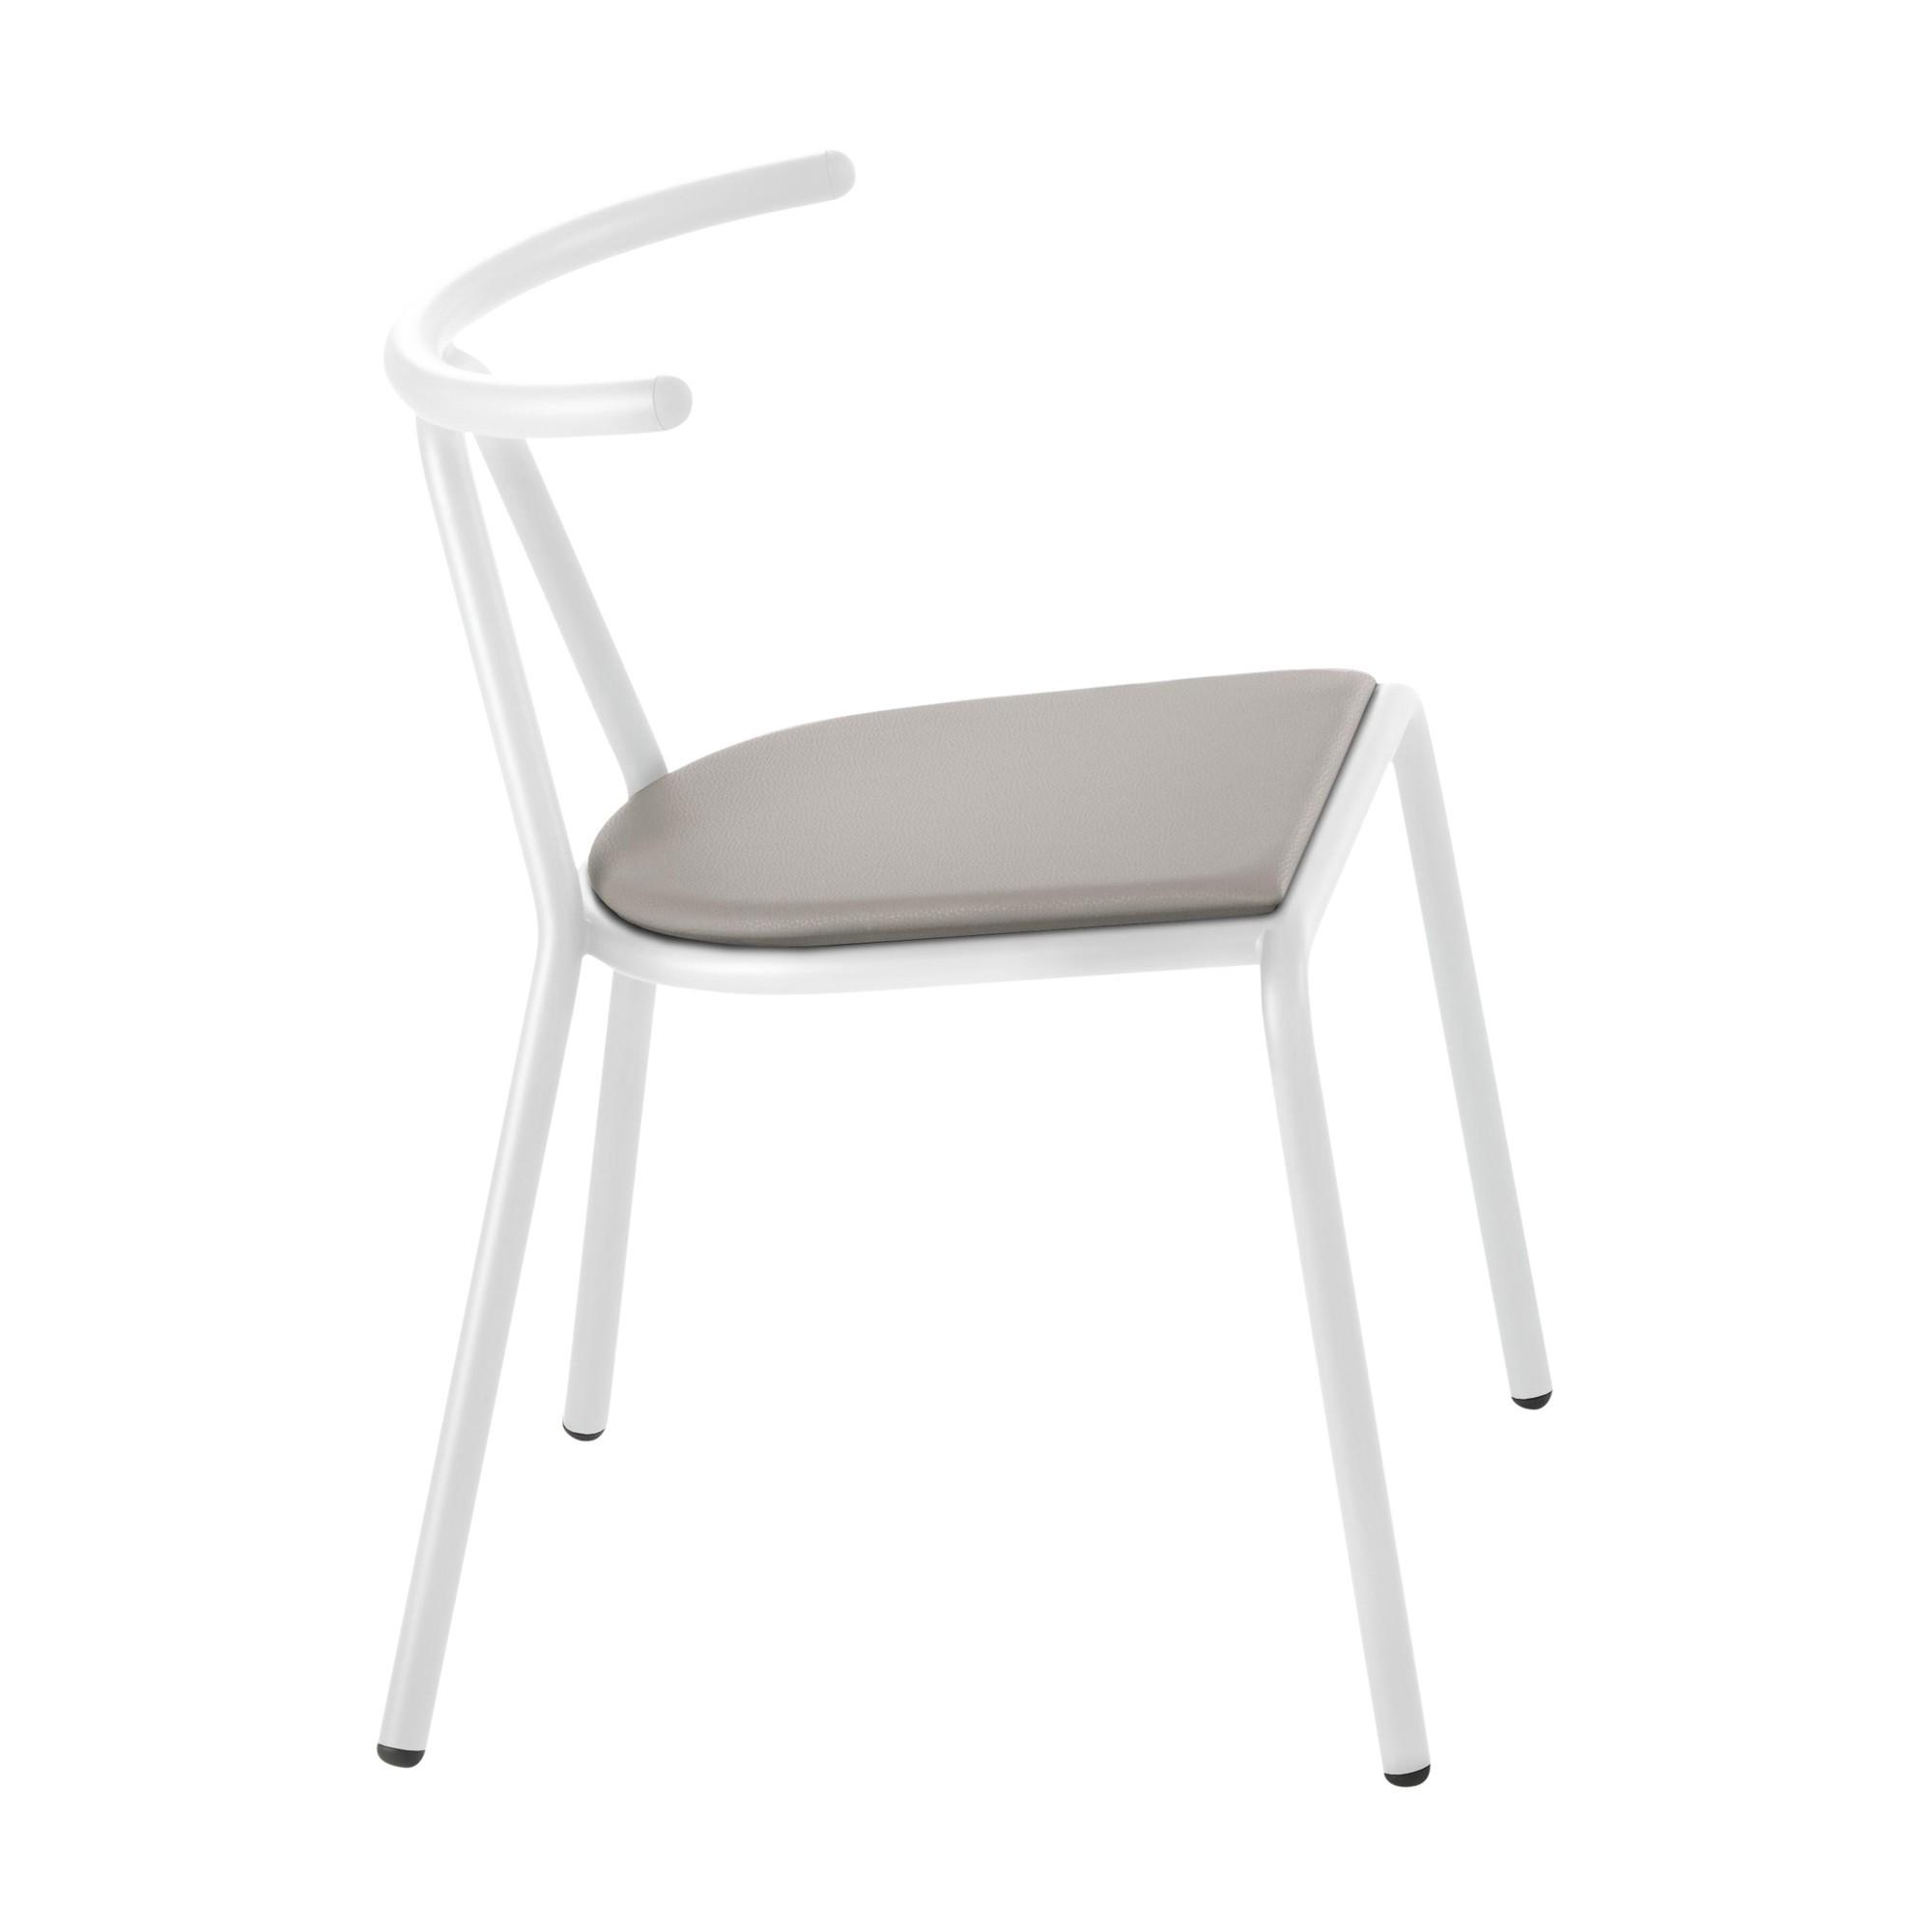 Toro Stuhl Sitzfläche Platinum Flukso